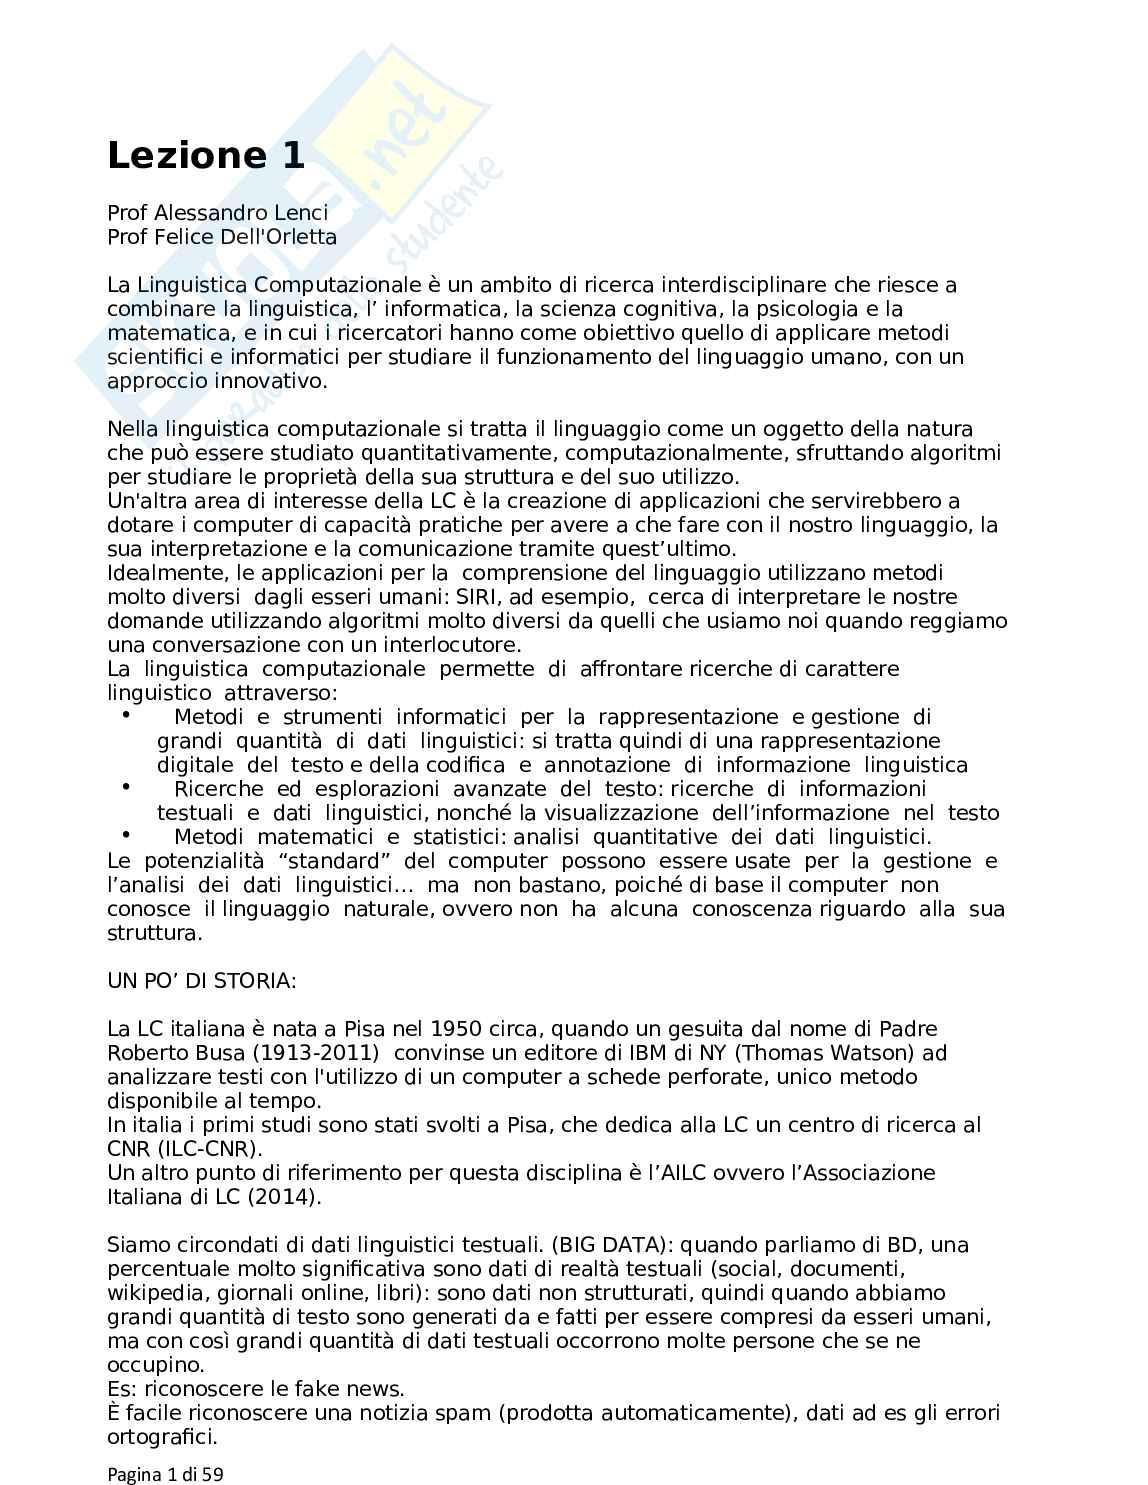 Linguistica Computazionale appunti lezione prof Alessandro Lenci e Felice Dell'Orletta